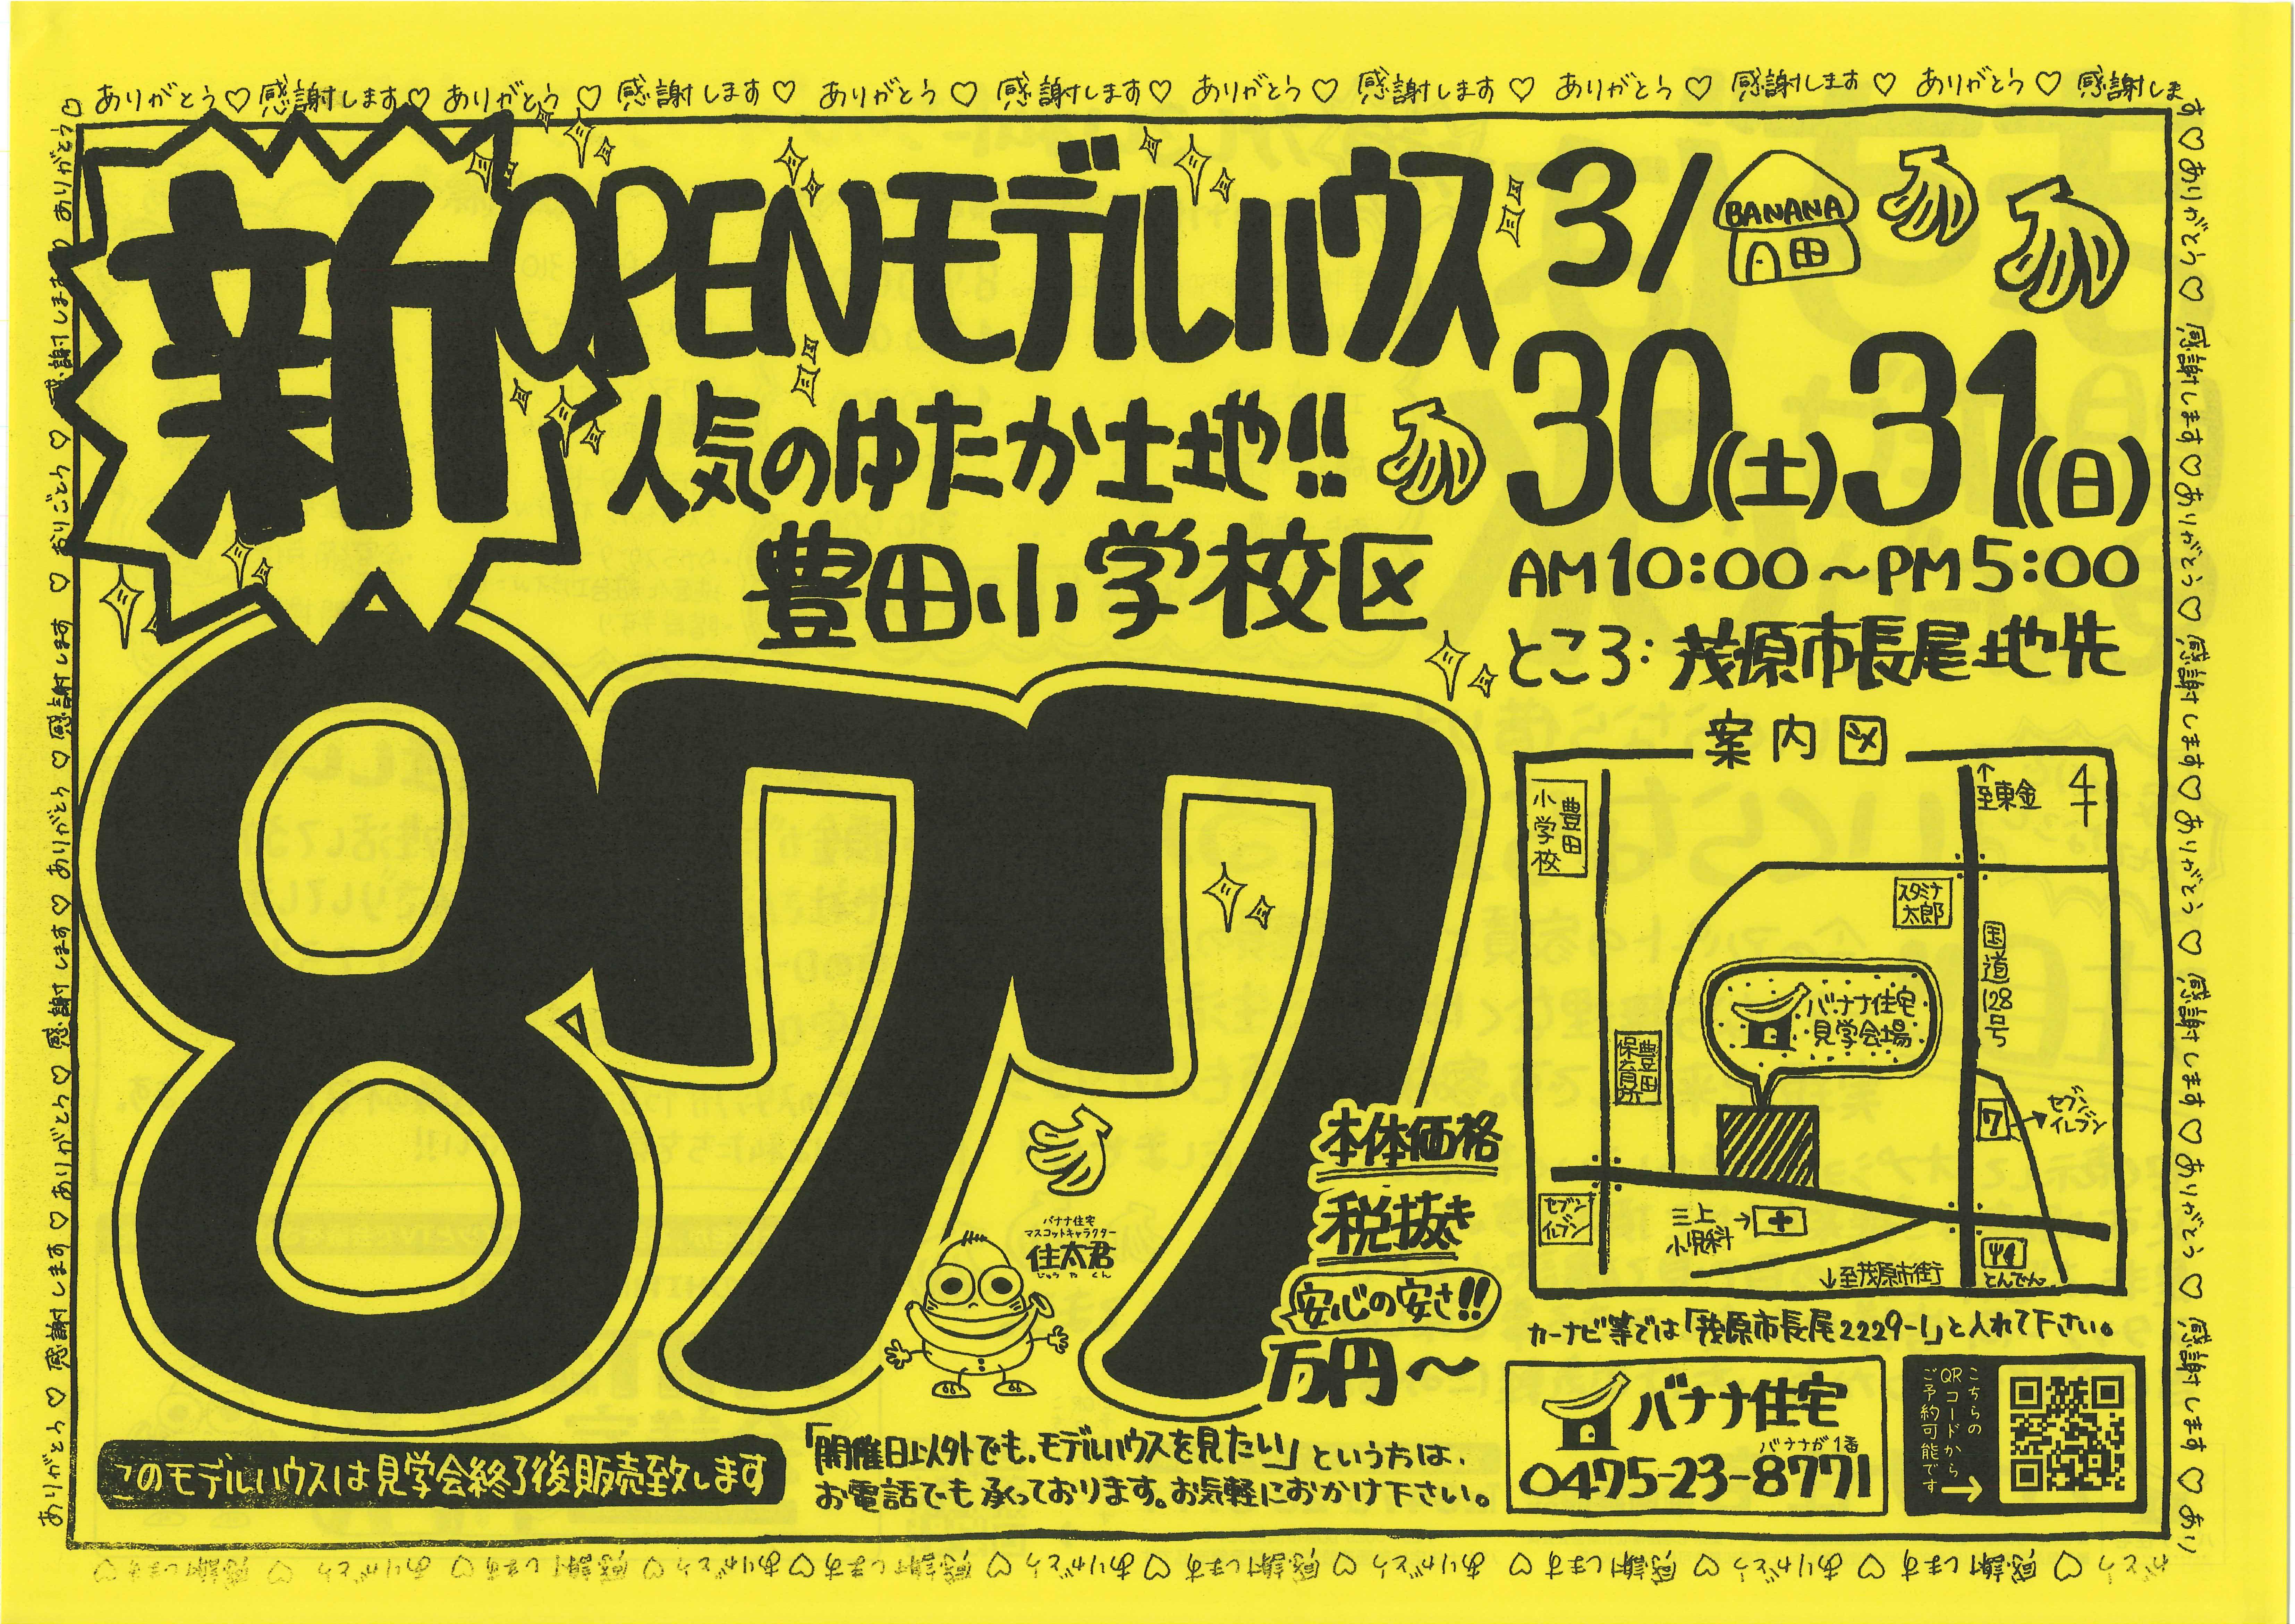 バナナ住宅モデルハウス公開!3月30日(土)31日(日)